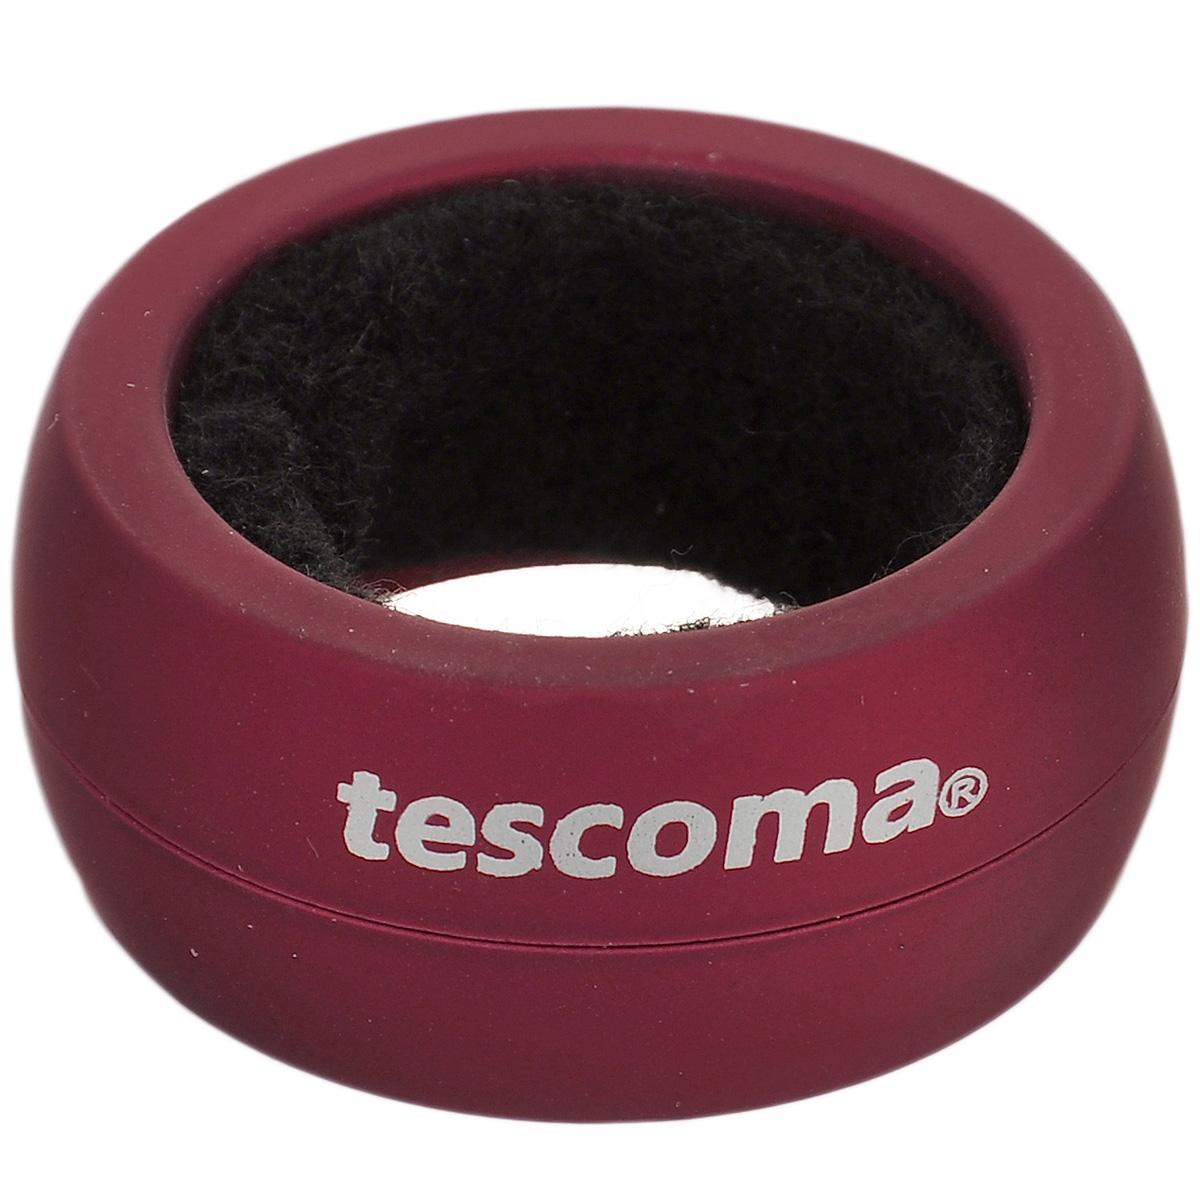 Кольцо для капель Tescoma Uno Vino, цвет: бордовый695432Кольцо для капель Tescoma Uno Vino изготовлено из высокопрочного пластика с прорезиненным покрытием. Такое кольцо препятствует нежелательному капанию вина. Просто наденьте его на горлышко, и ни одна капля не стечет на вашу скатерть.